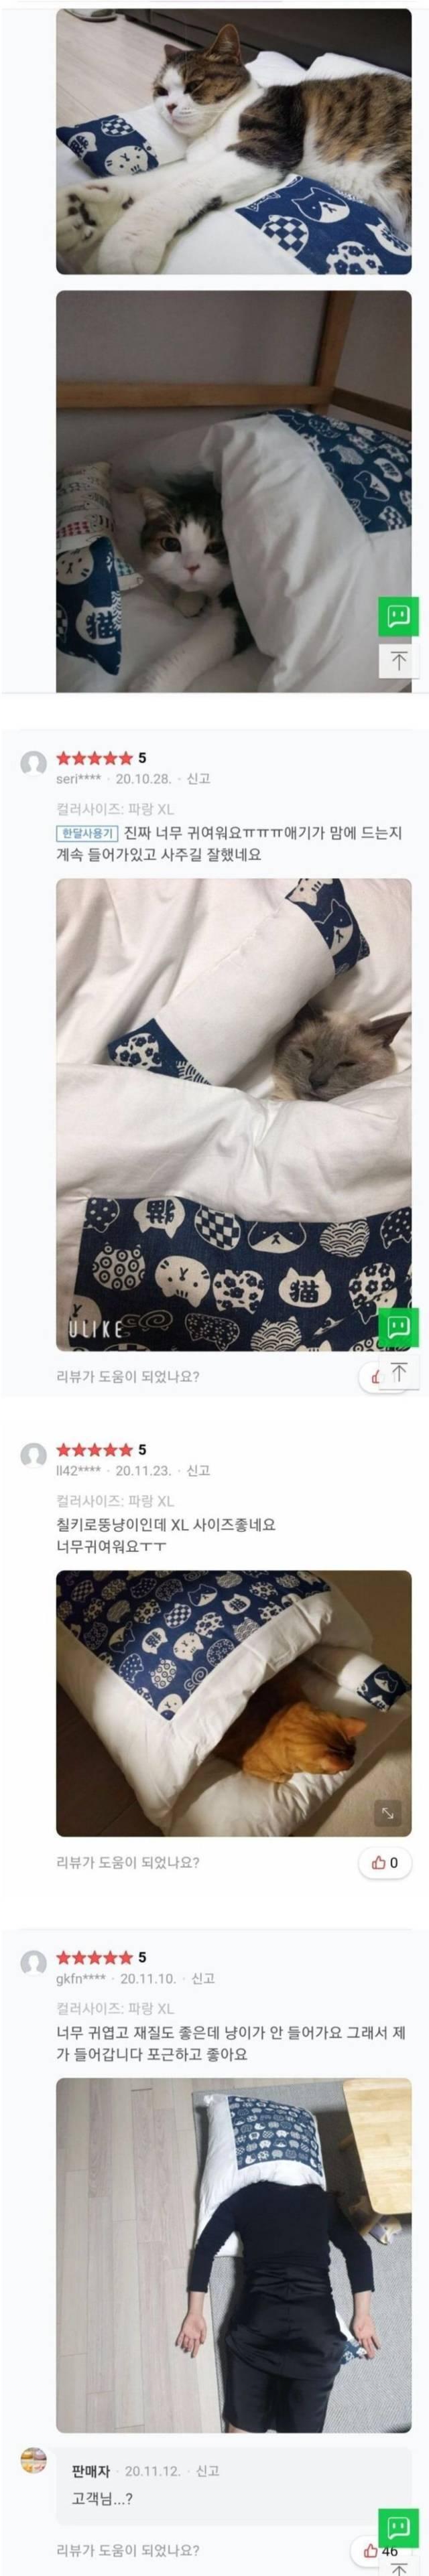 판매자가 당황한 고양이 이불 후기.jpg   인스티즈